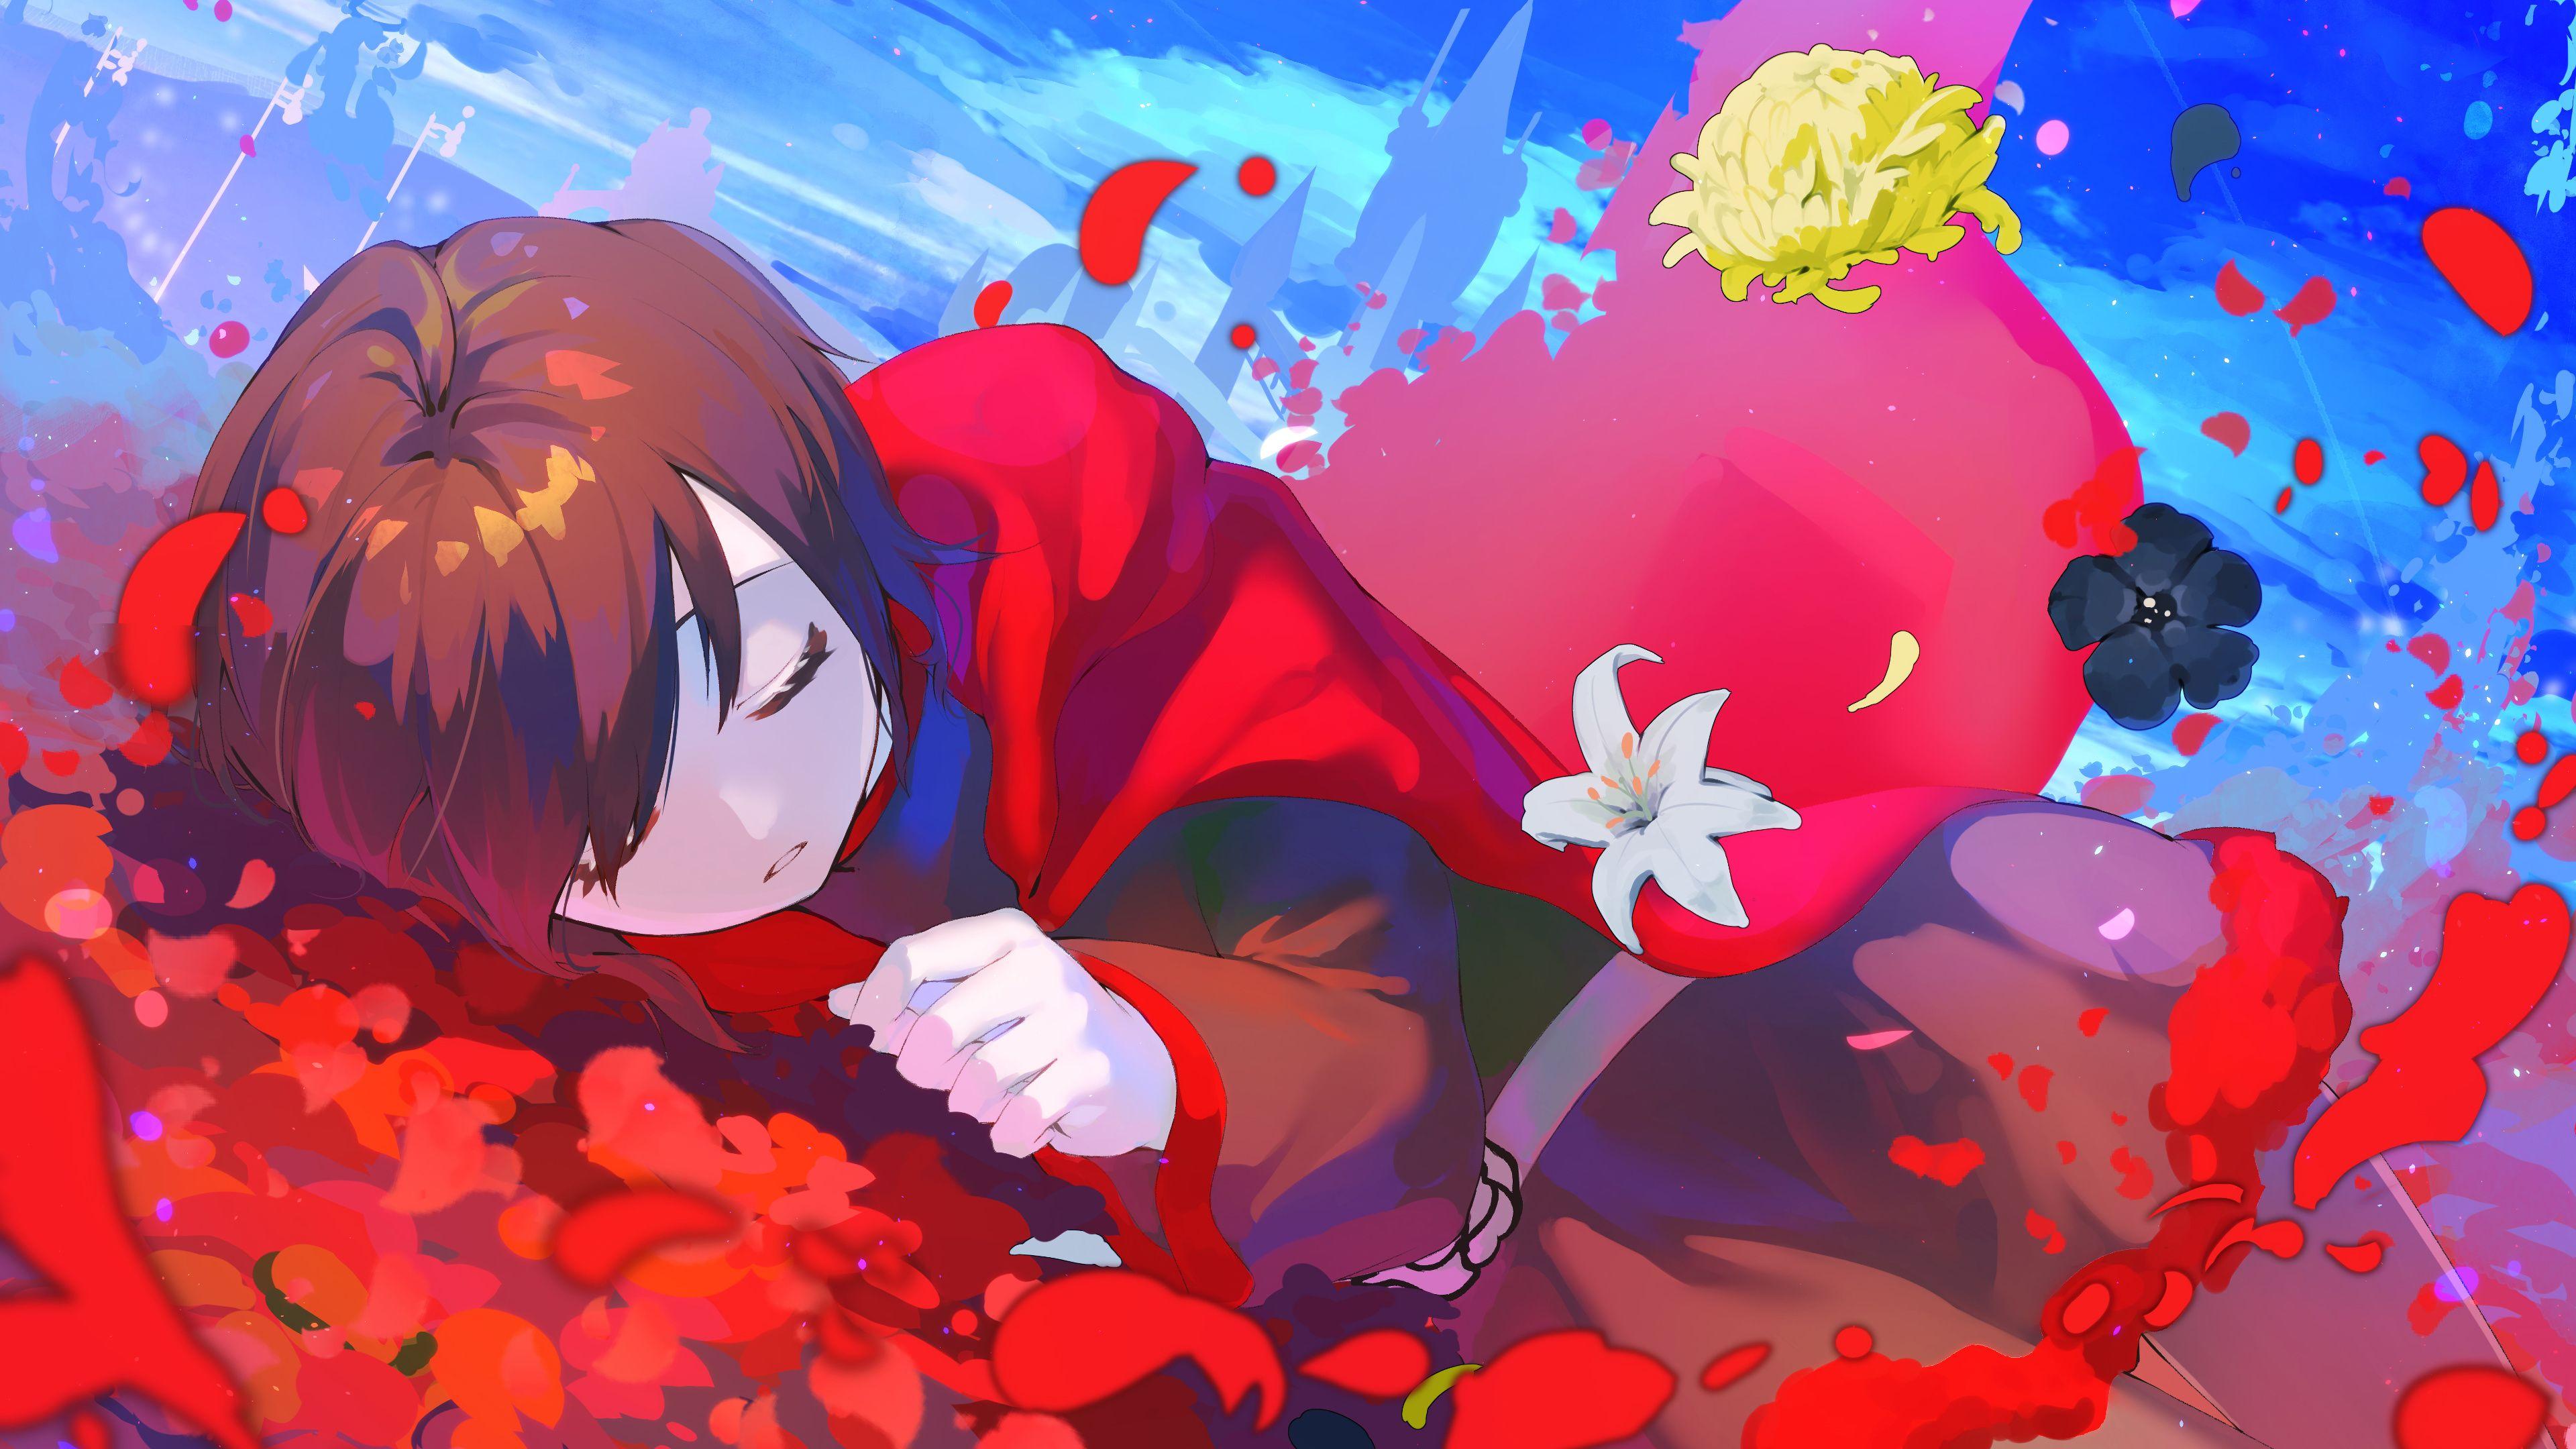 Ruby Rose Rwby 4k 25723 In 2020 Rwby Anime Rwby Rwby Wallpaper